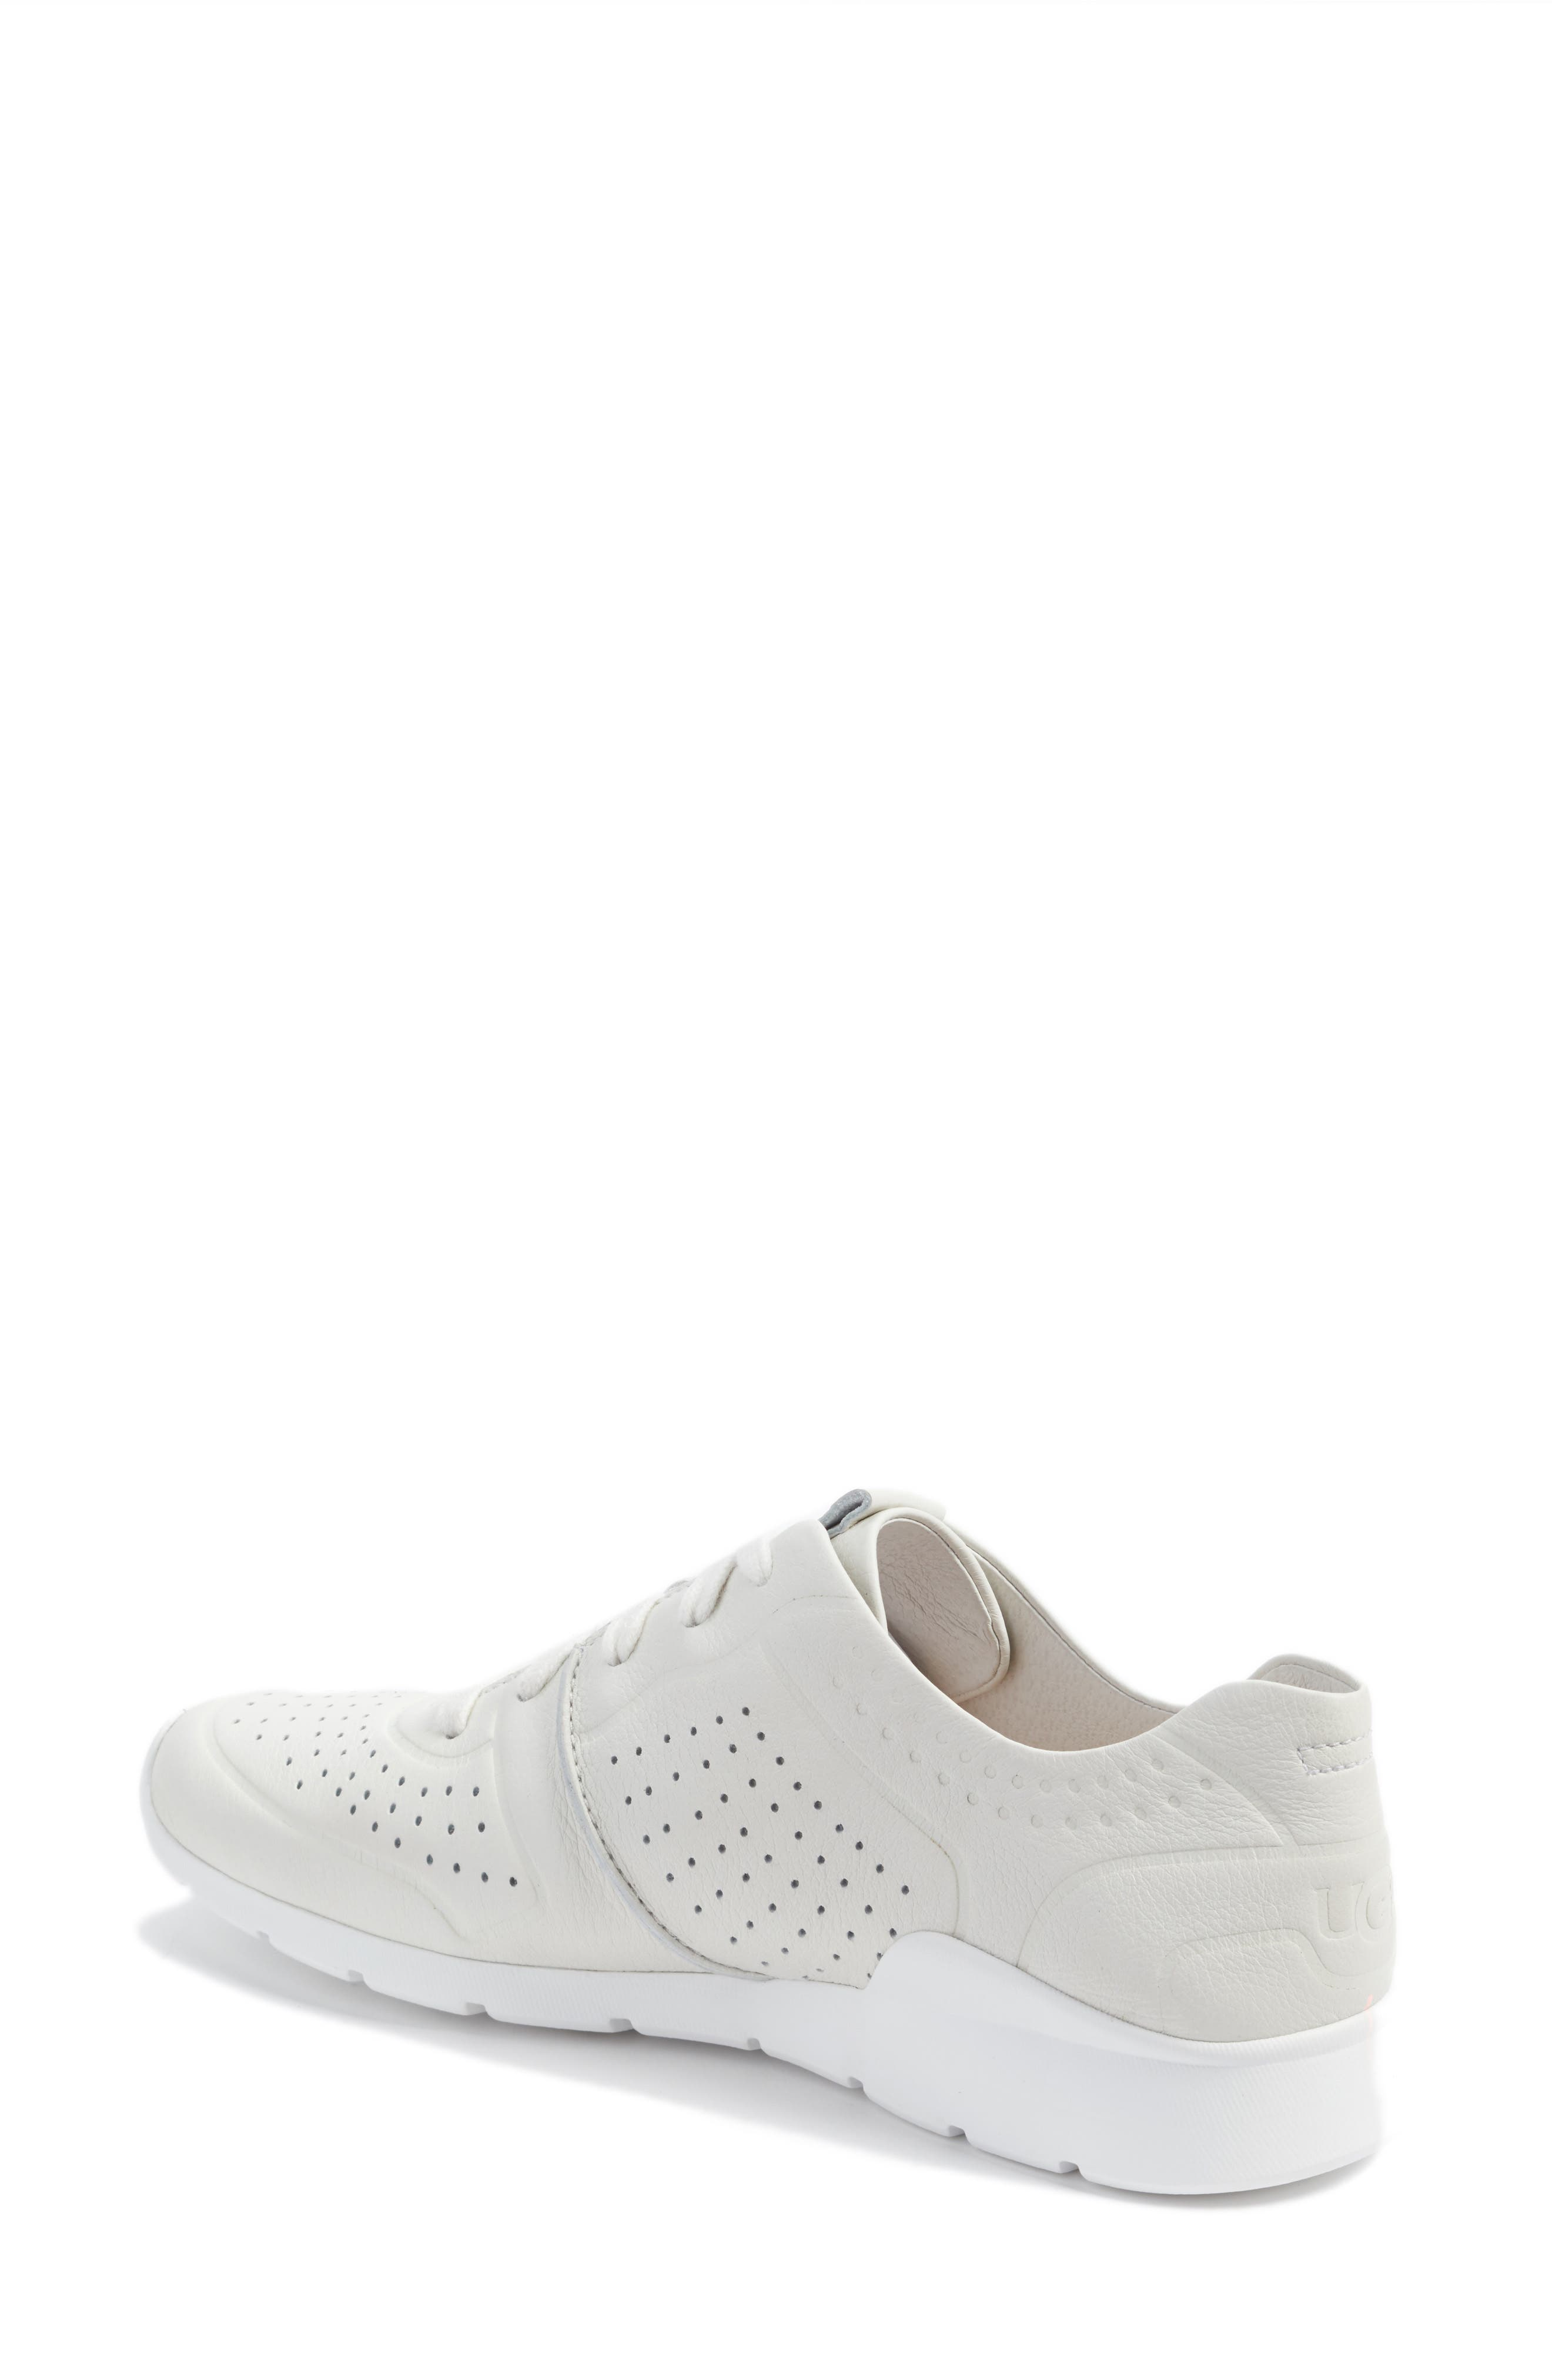 Alternate Image 2  - UGG® Tye Sneaker (Women)